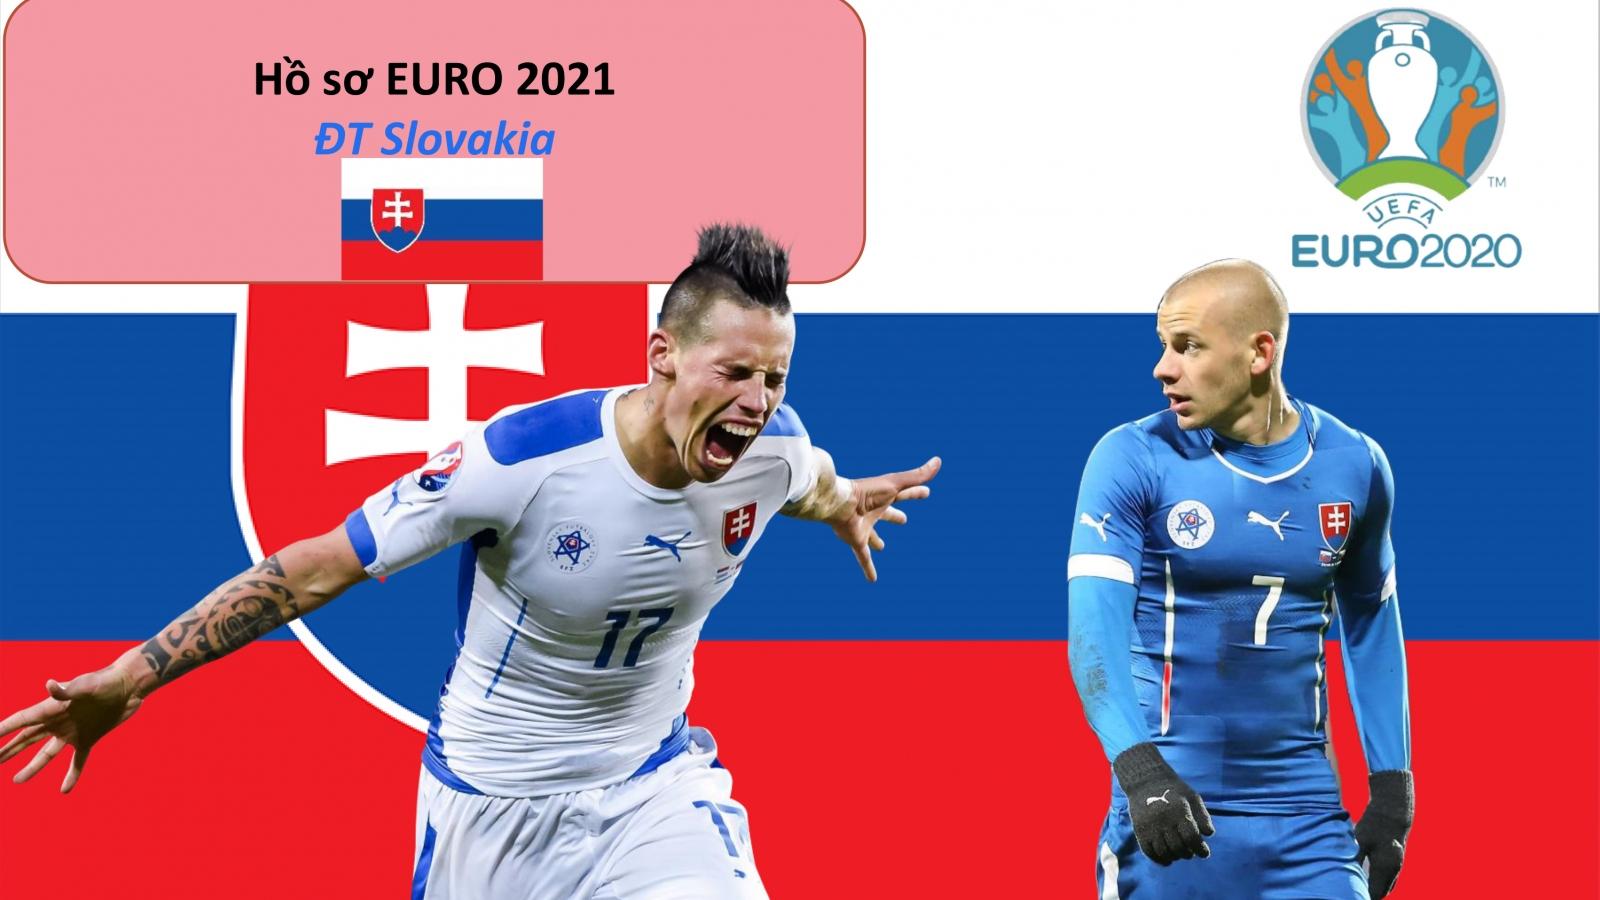 Hồ sơ các ĐT dự EURO 2021: Đội tuyển Slovakia